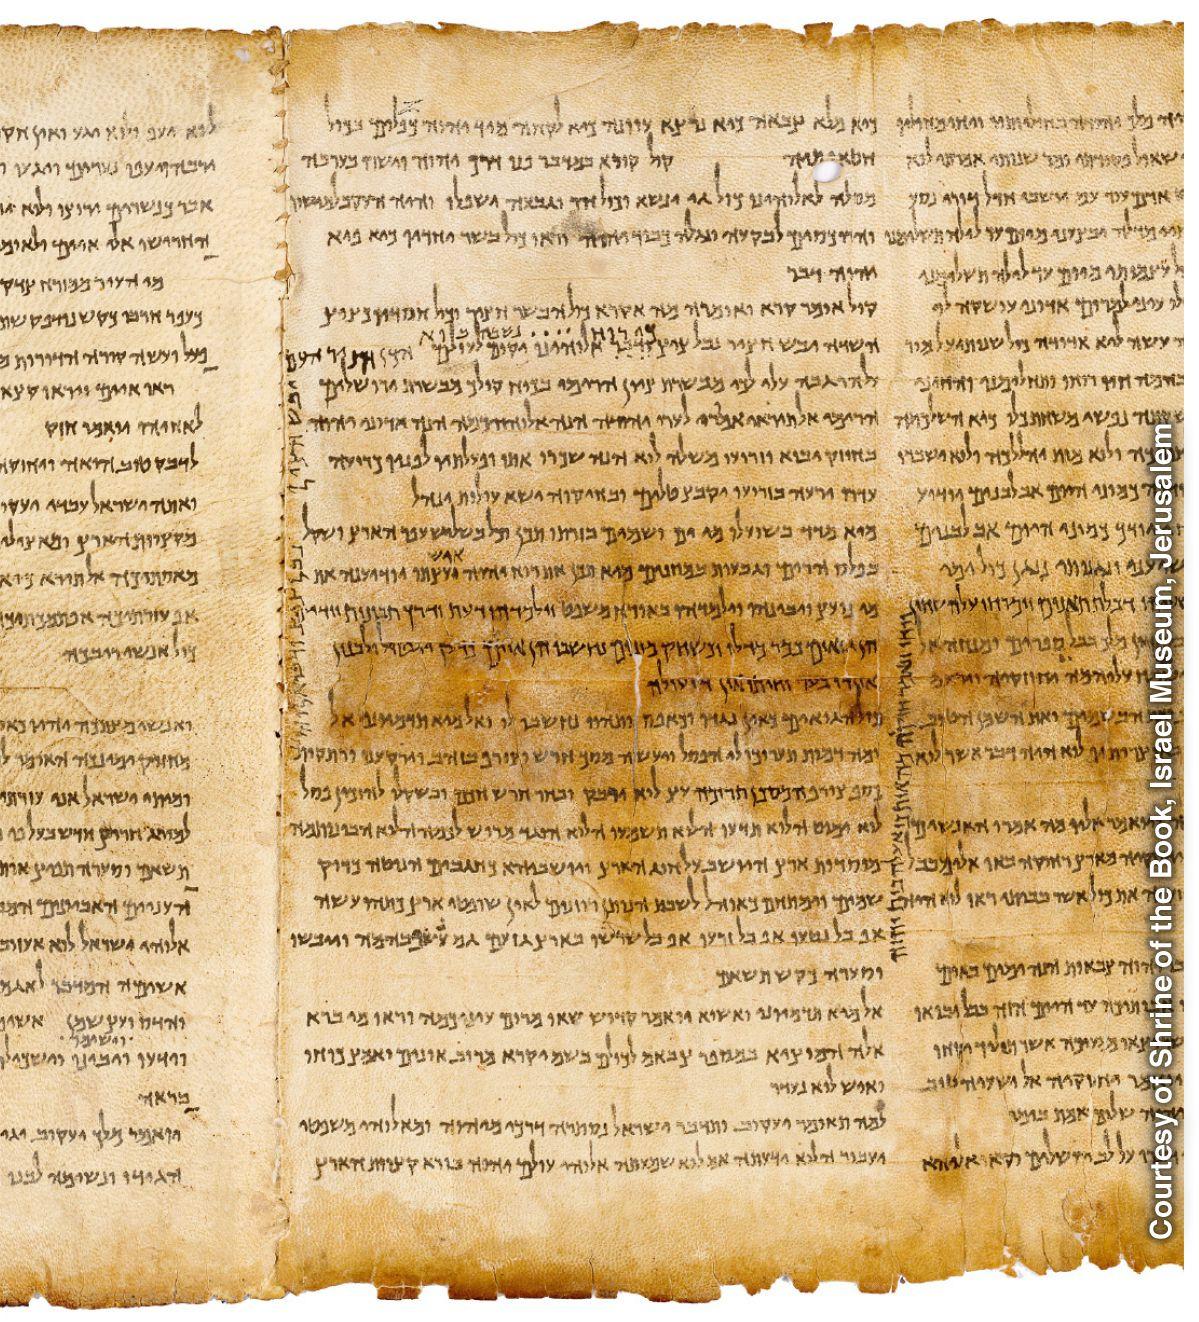 Nächsten am bibel welche dem urtext ist Welche Bibelübersetzung